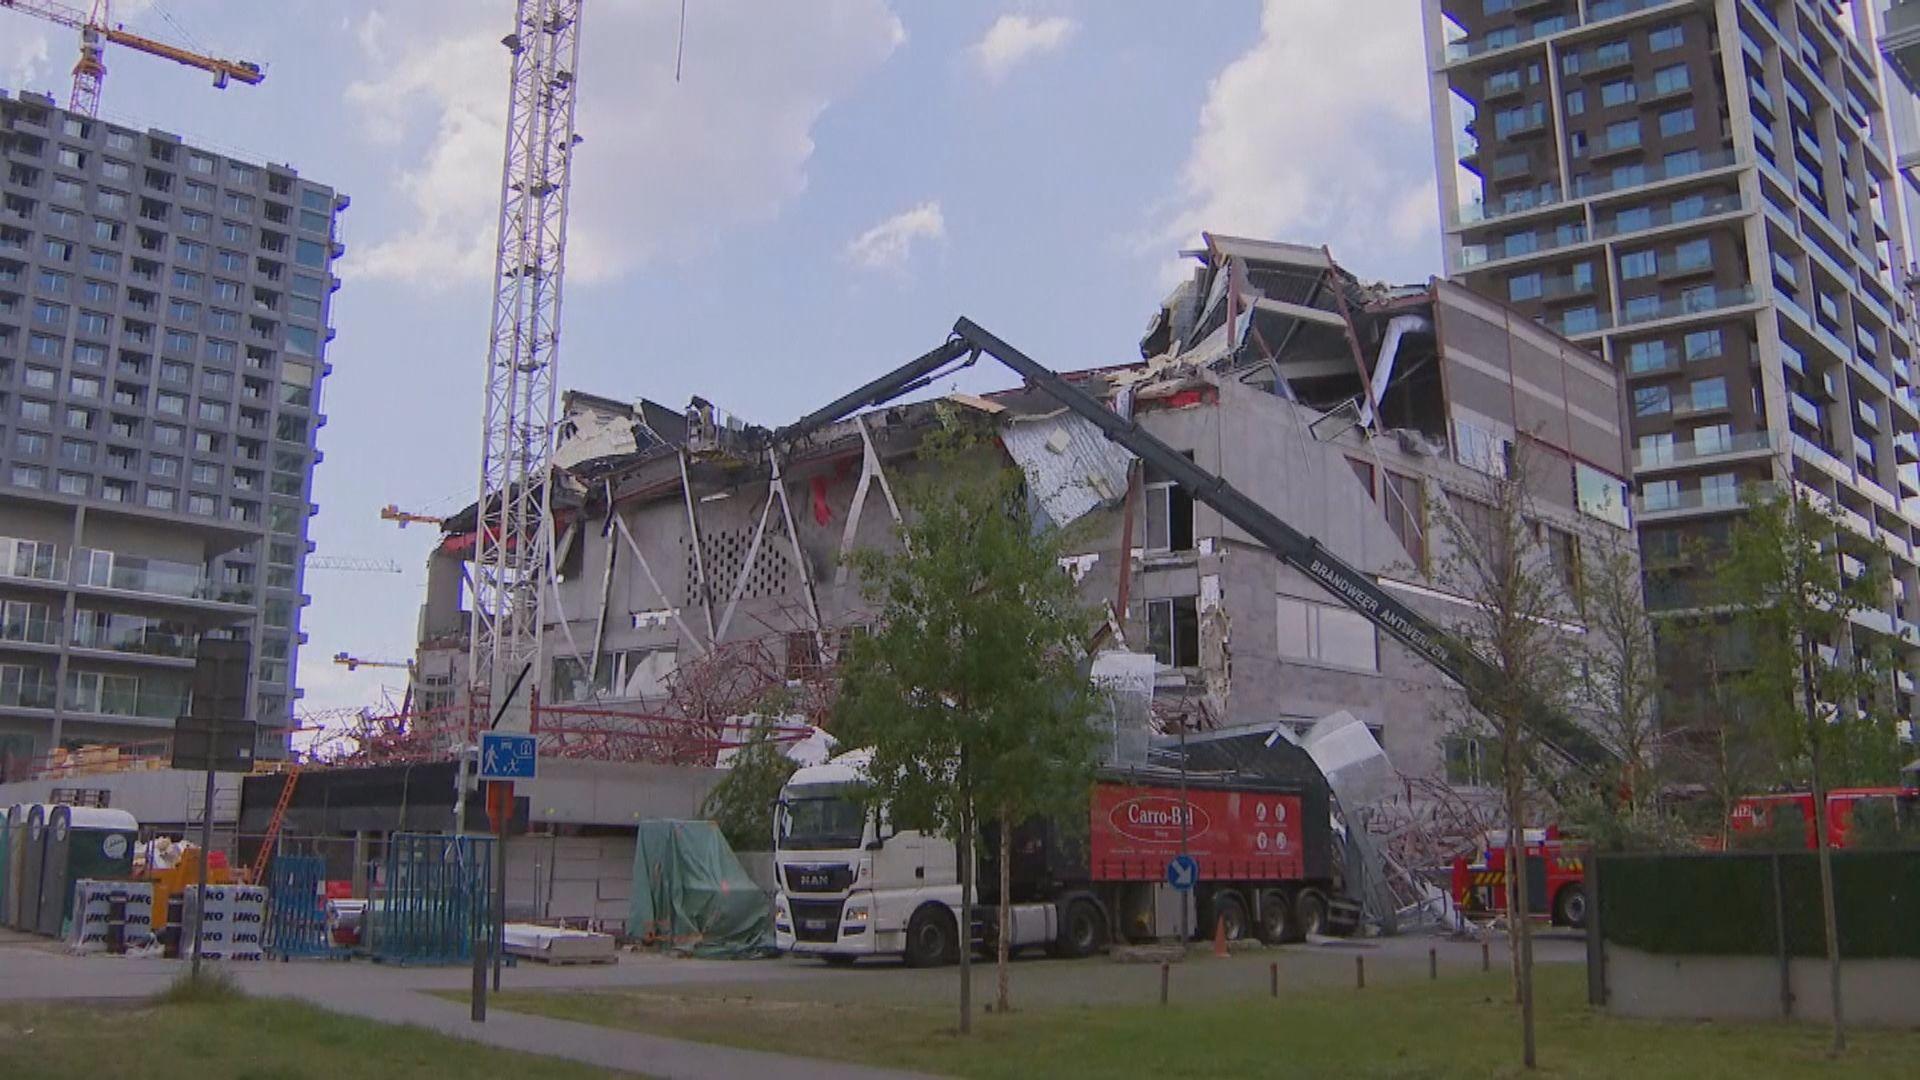 比利時有學校地盤倒塌五死九傷